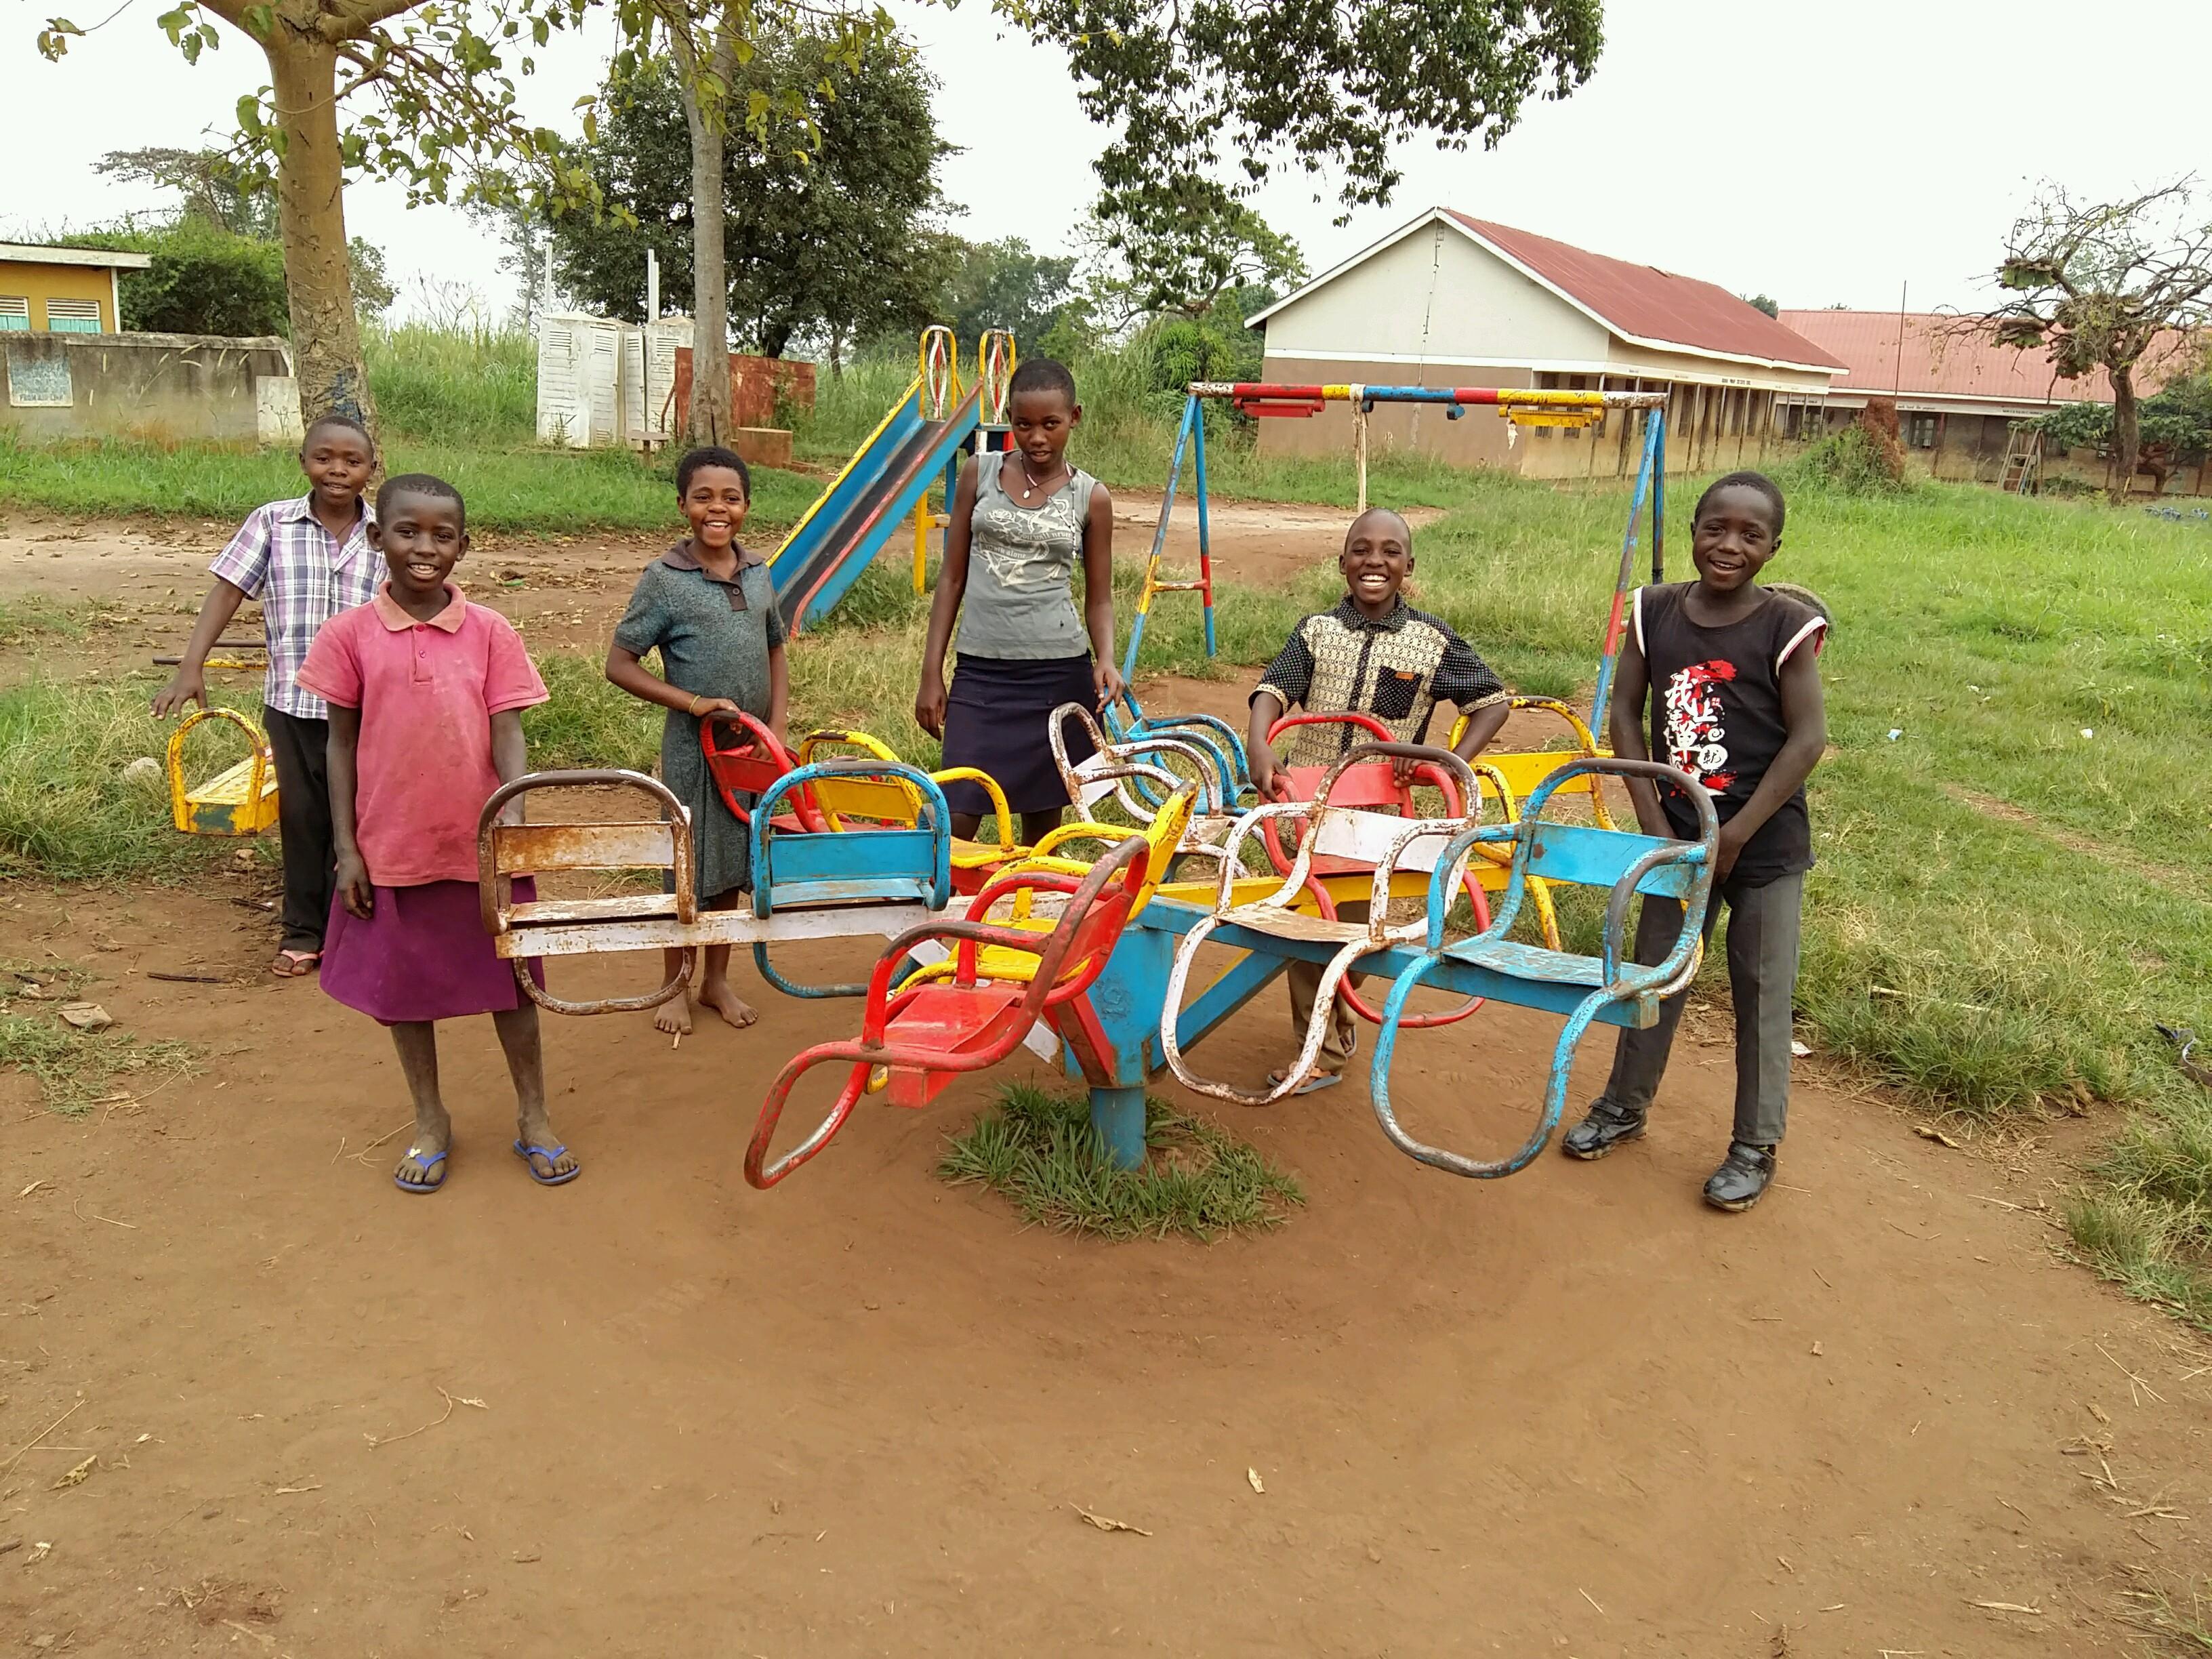 ウガンダ 子どもたちの様子